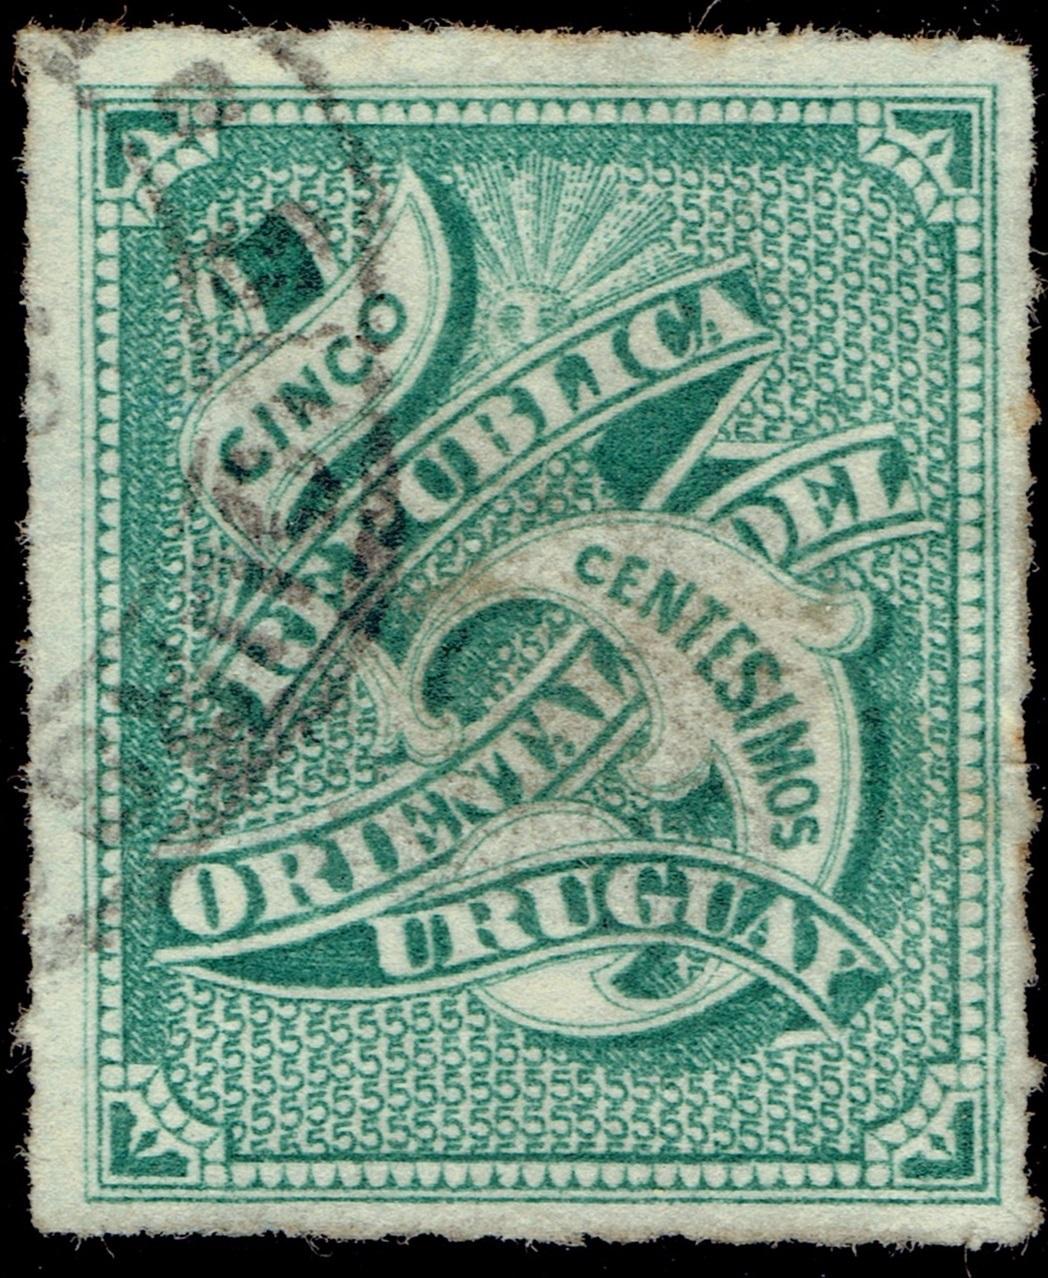 Uruguay - Scott #40 (1877)